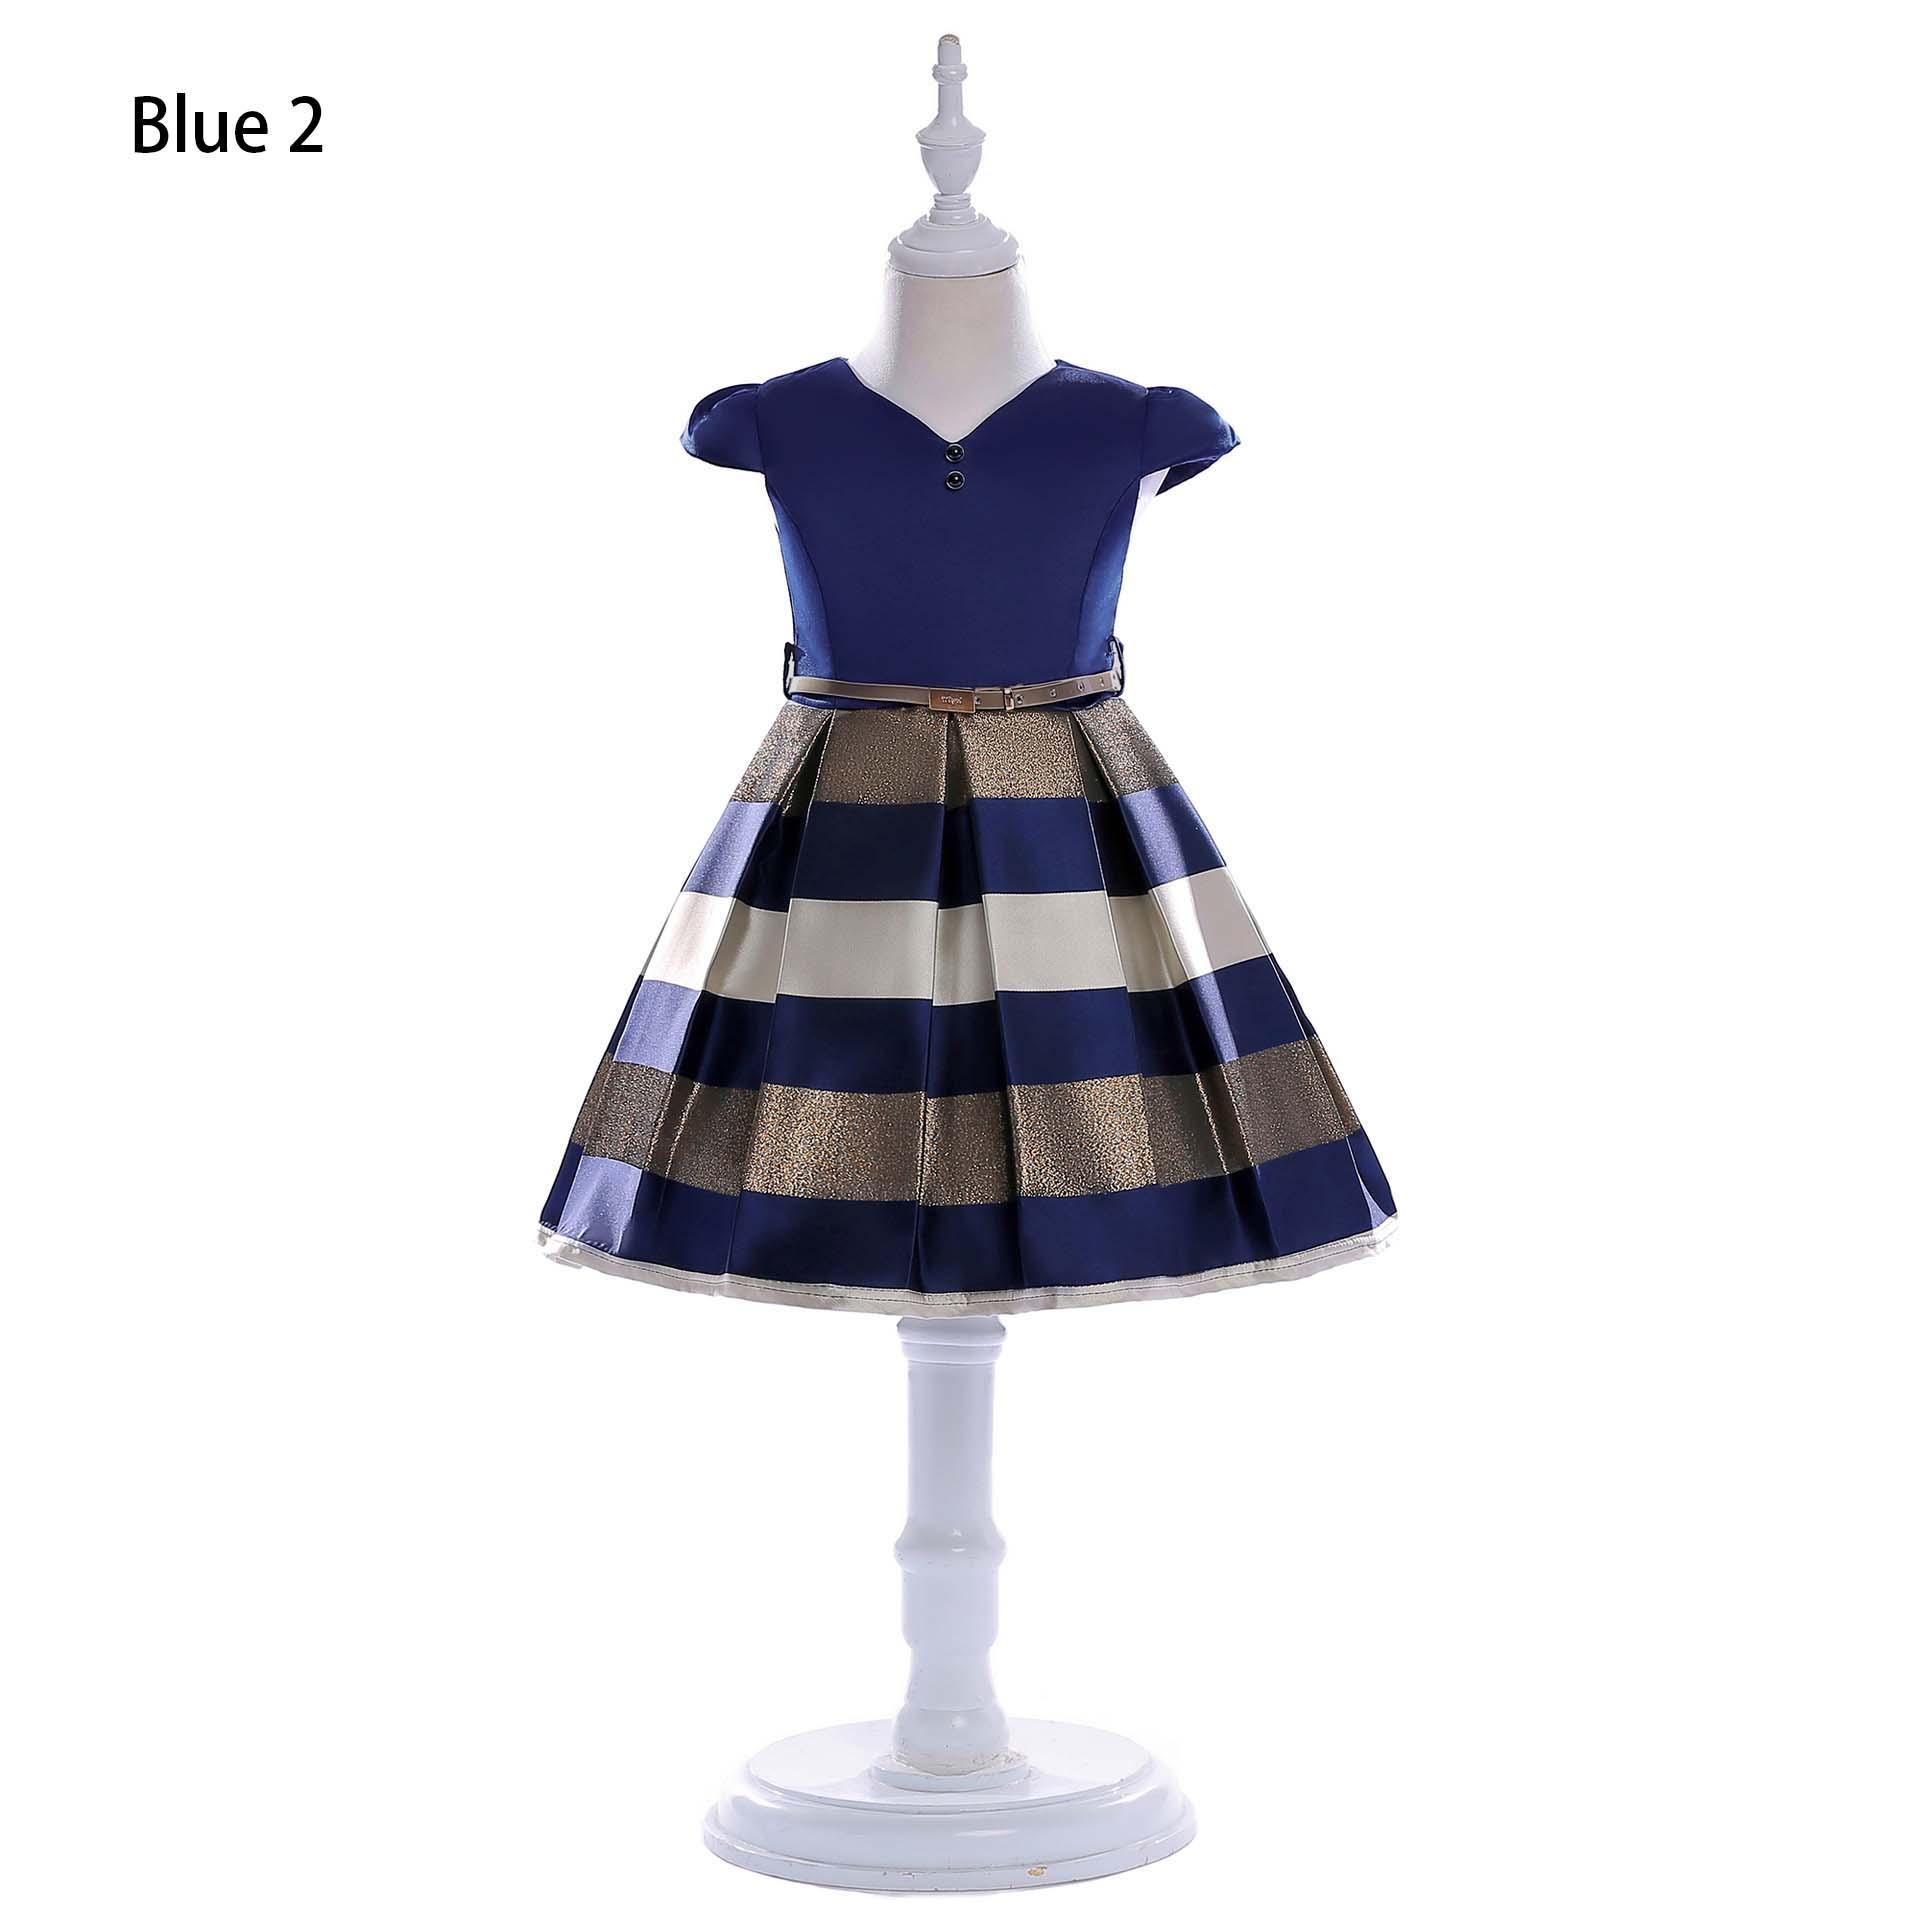 Vestidos de diseñador de moda para niñas Marca de verano Pequeñas mangas volantes Rayas Vestido de princesa con arco lindo Falda de escenario para niñas de alta calidad